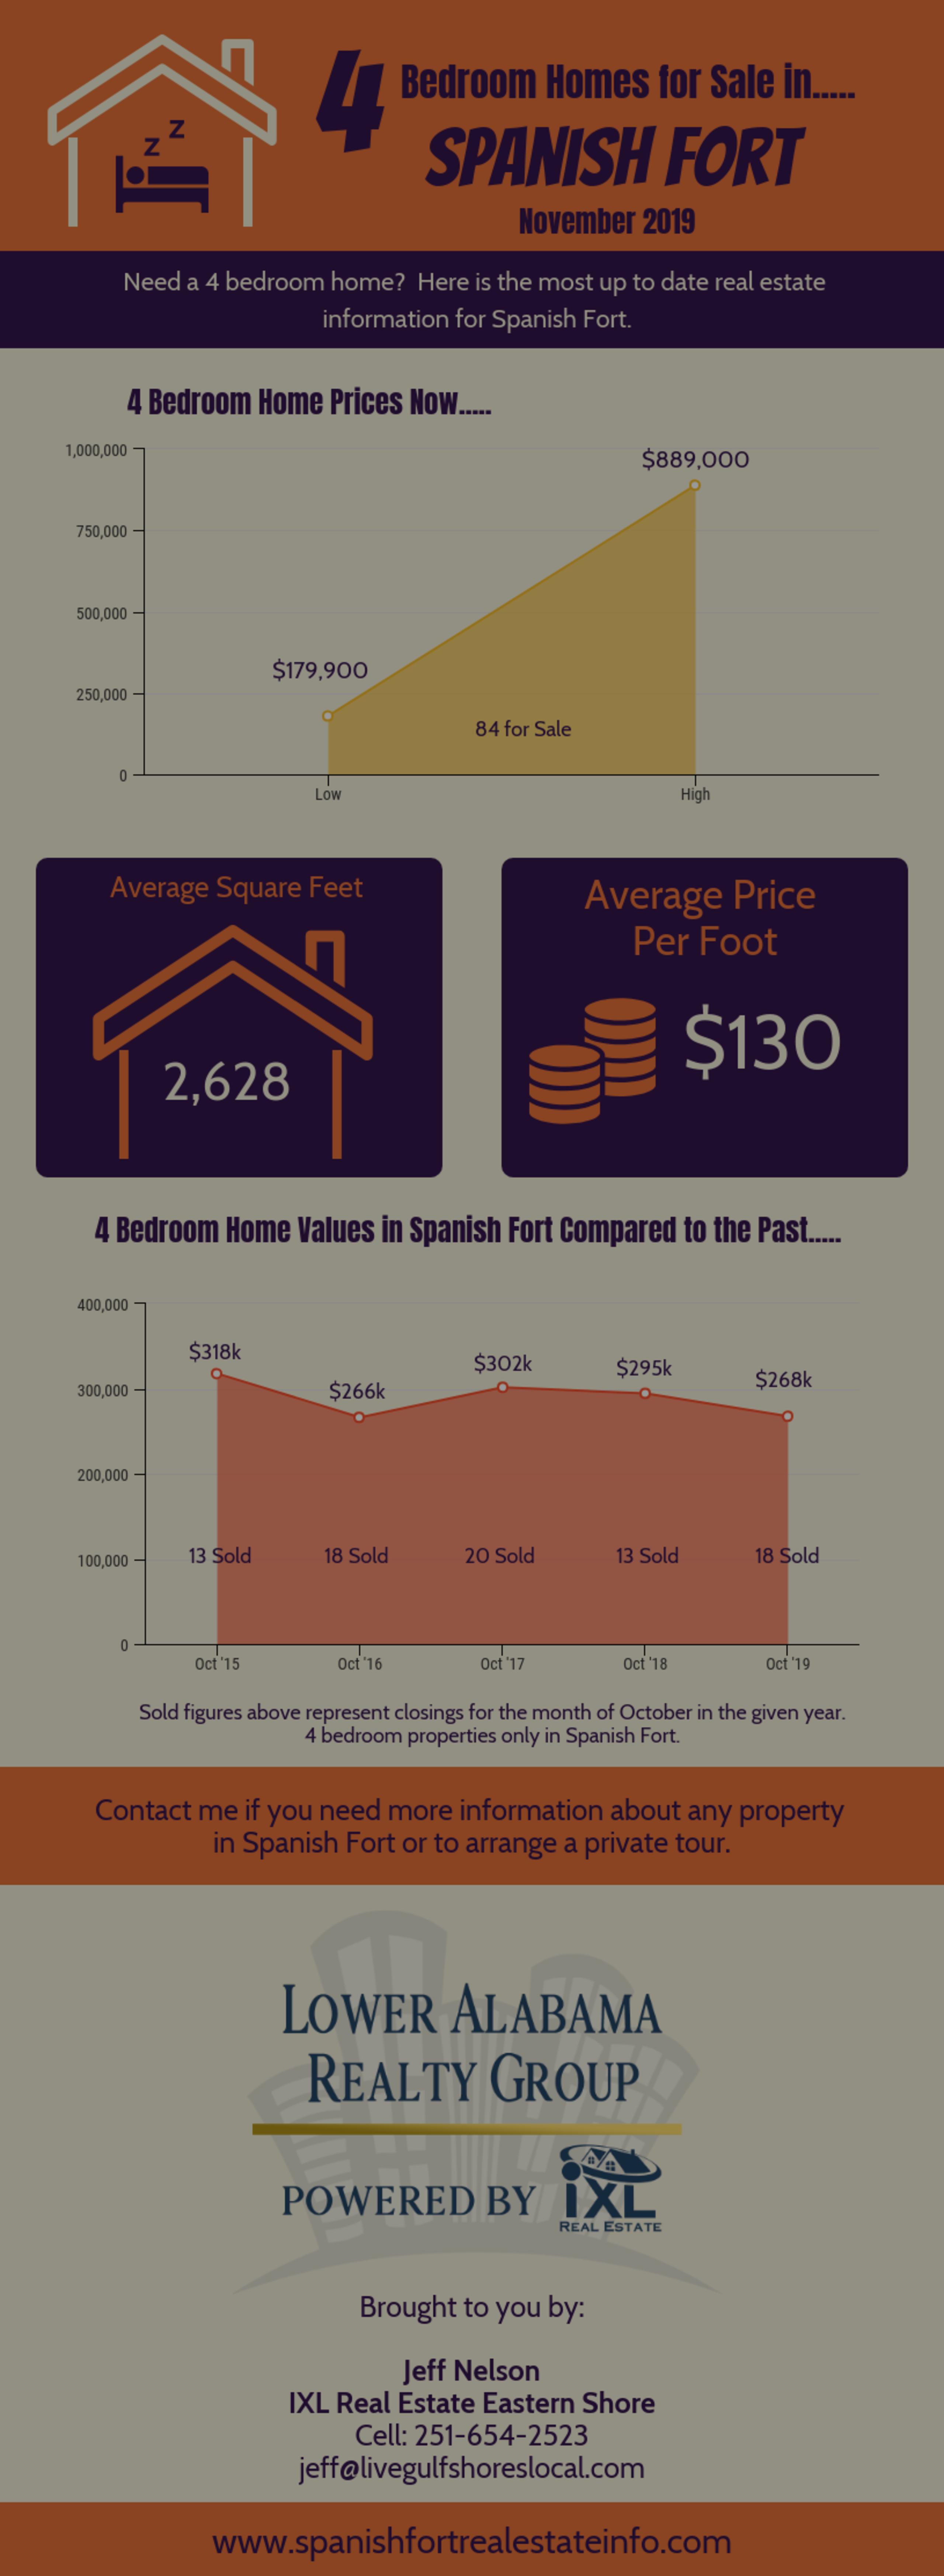 4 Bedroom Homes Overview – November 2019